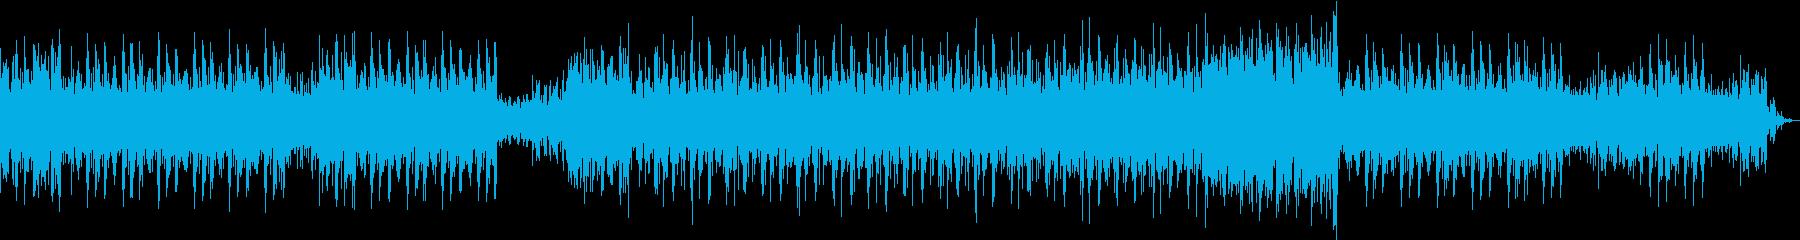 緊張感のあるラテンファンクの再生済みの波形